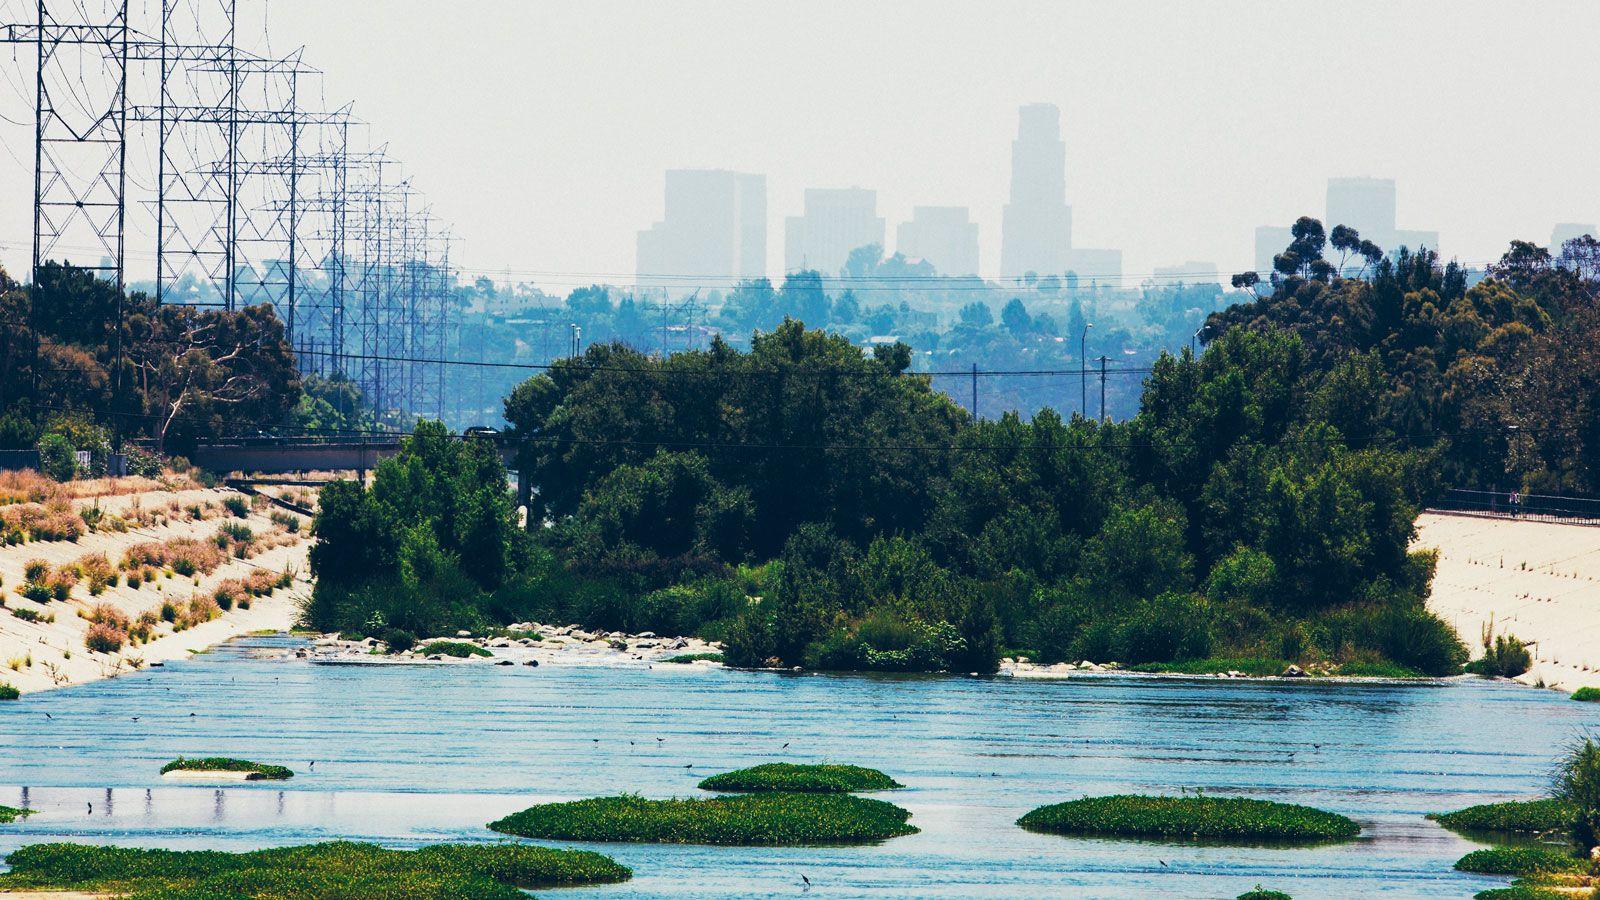 Kayaking-LA-River-Gear-Patrol-inline-1600